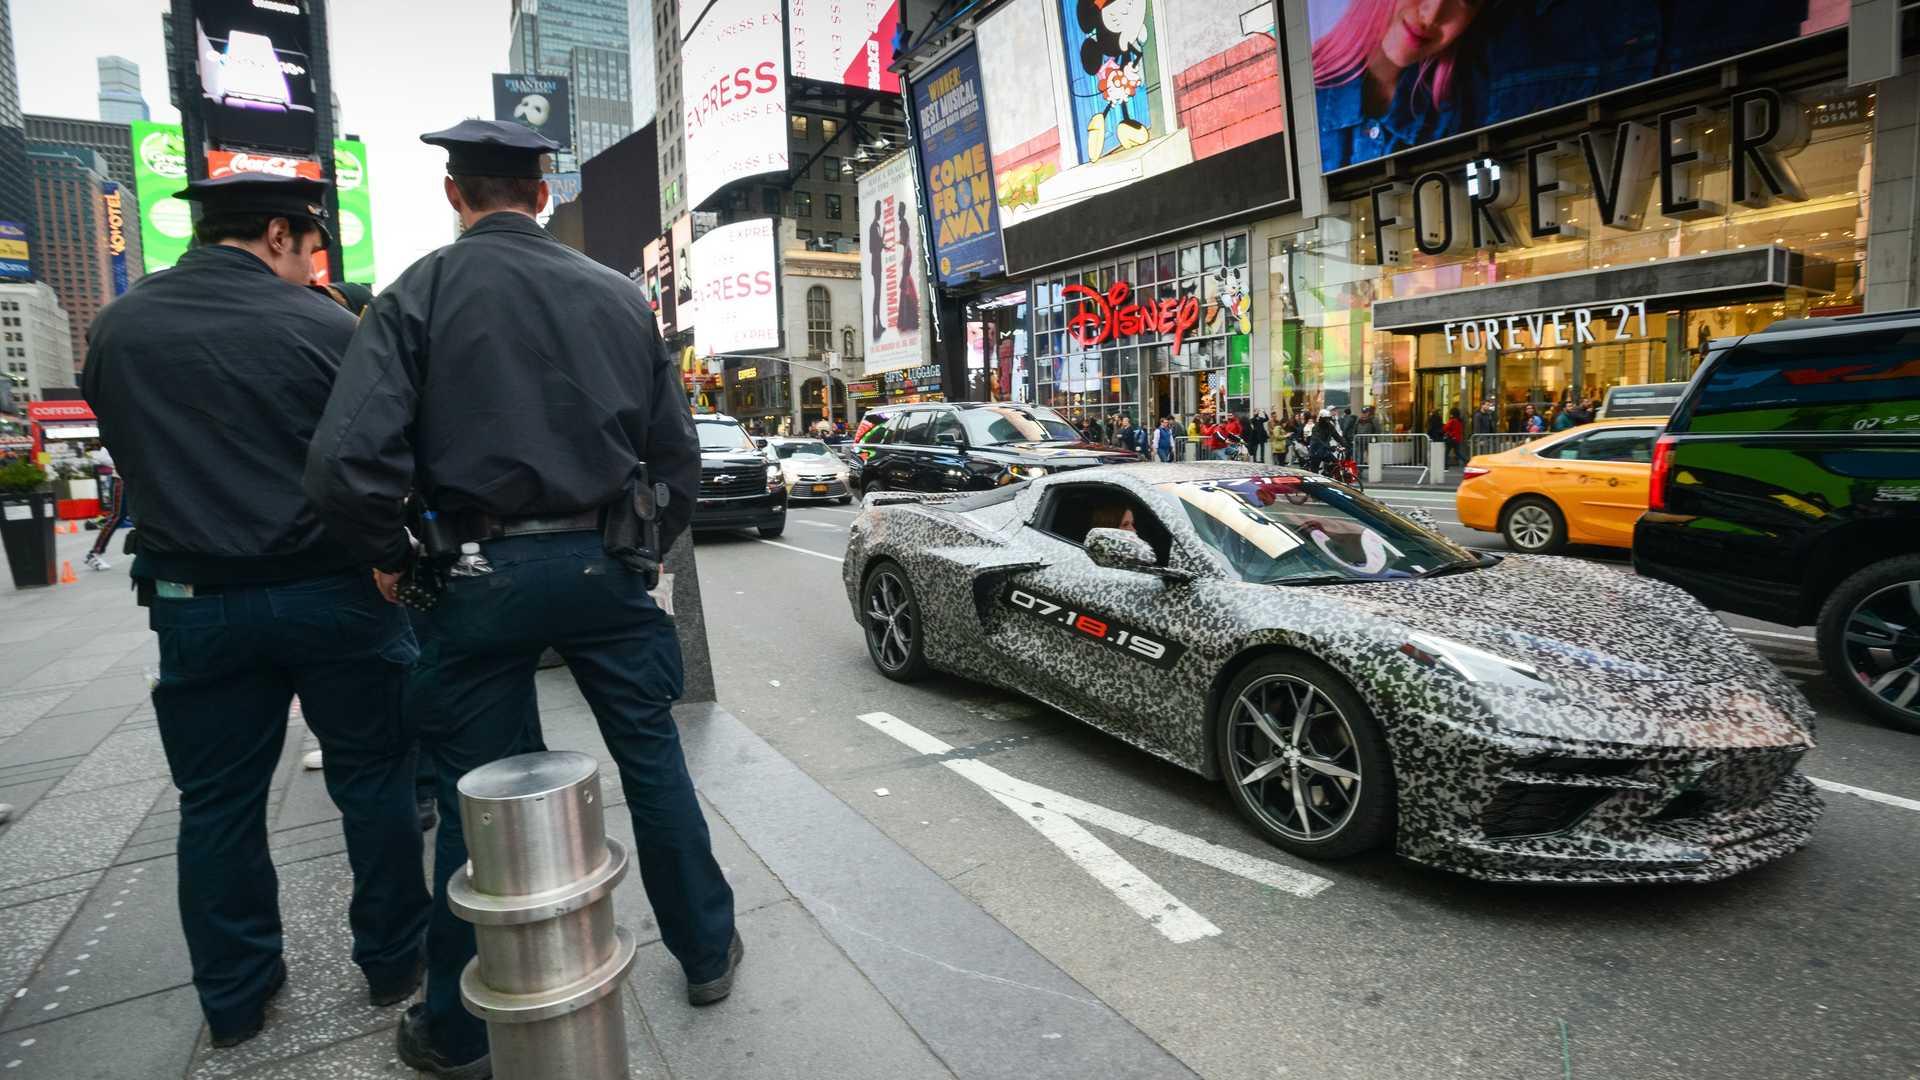 Билеты на презентацию среднемоторного Corvette продают за 5 000 долларов 1